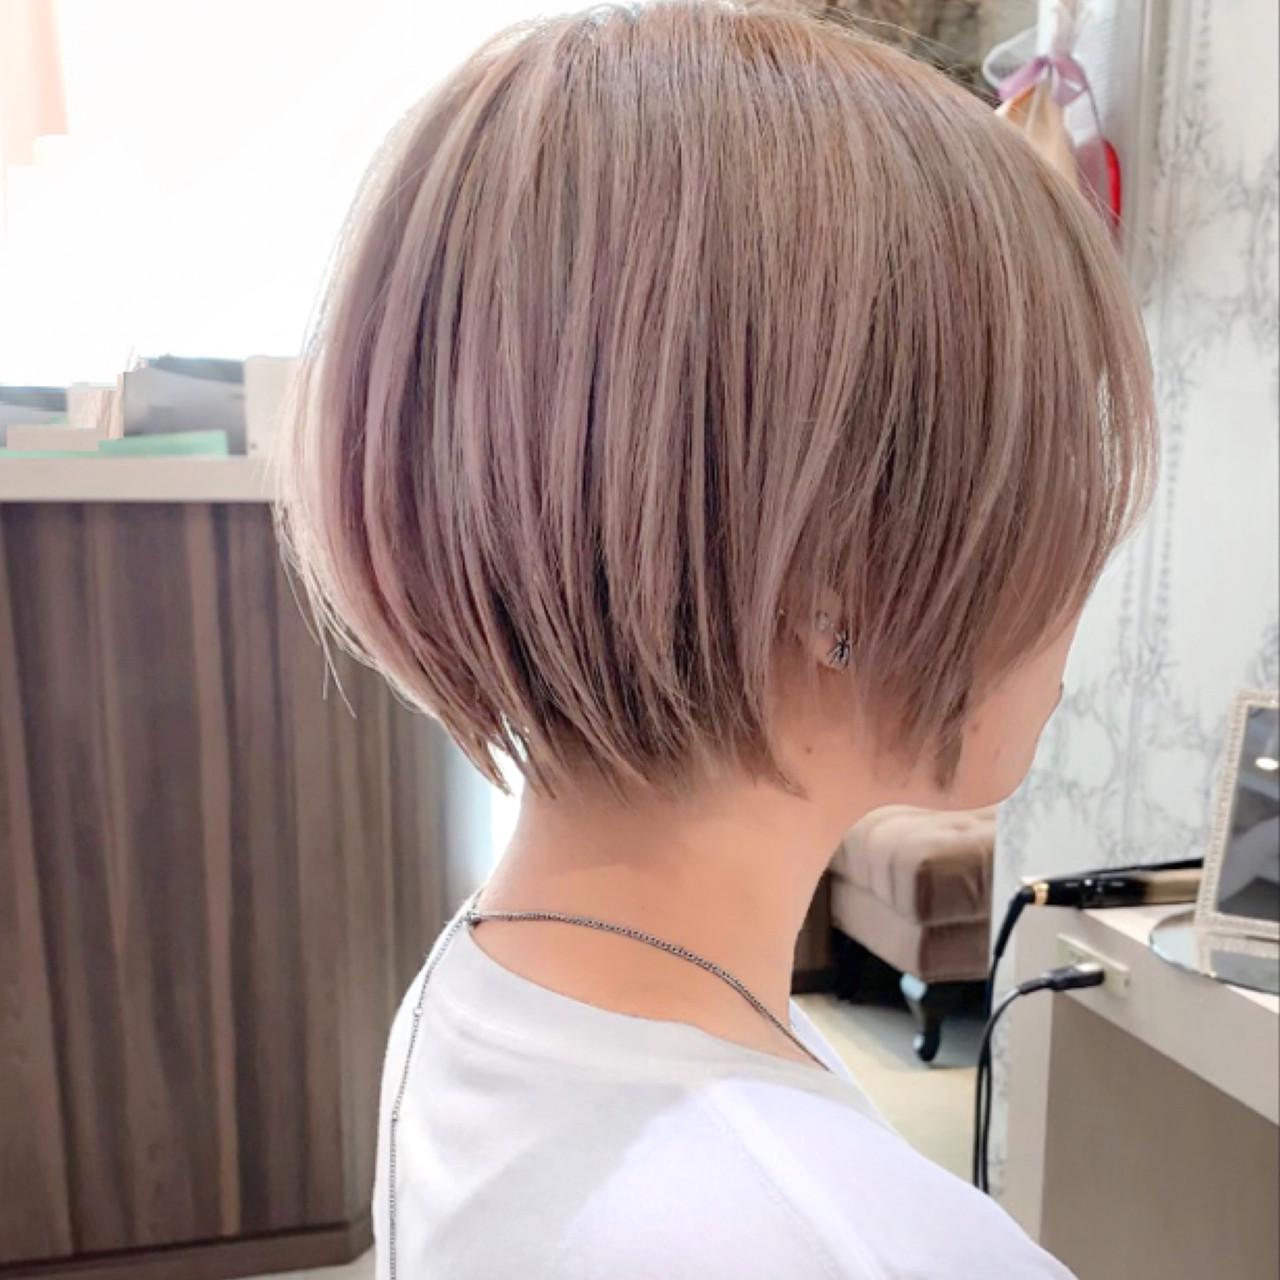 ミルクティーベージュ ショートヘア ナチュラル ショートボブヘアスタイルや髪型の写真・画像